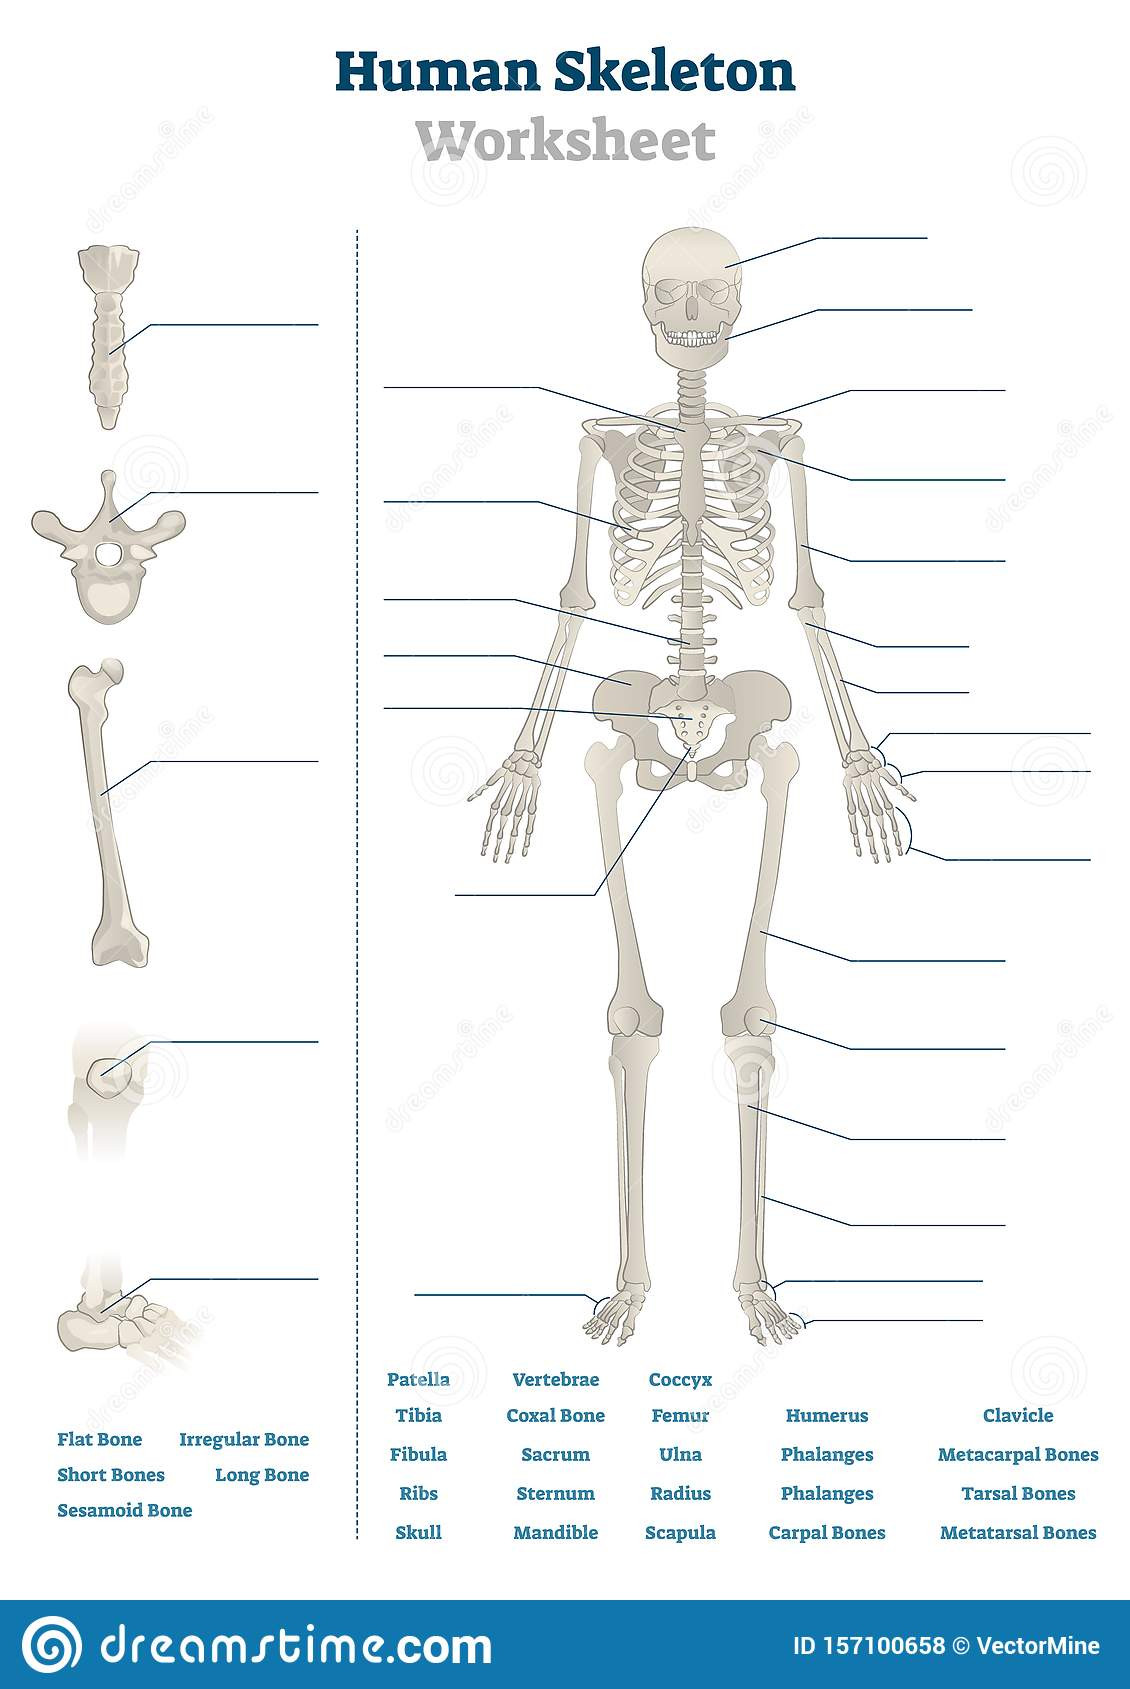 Joints and Movement Worksheet Human Skeleton Worksheet Vector Illustration Blank